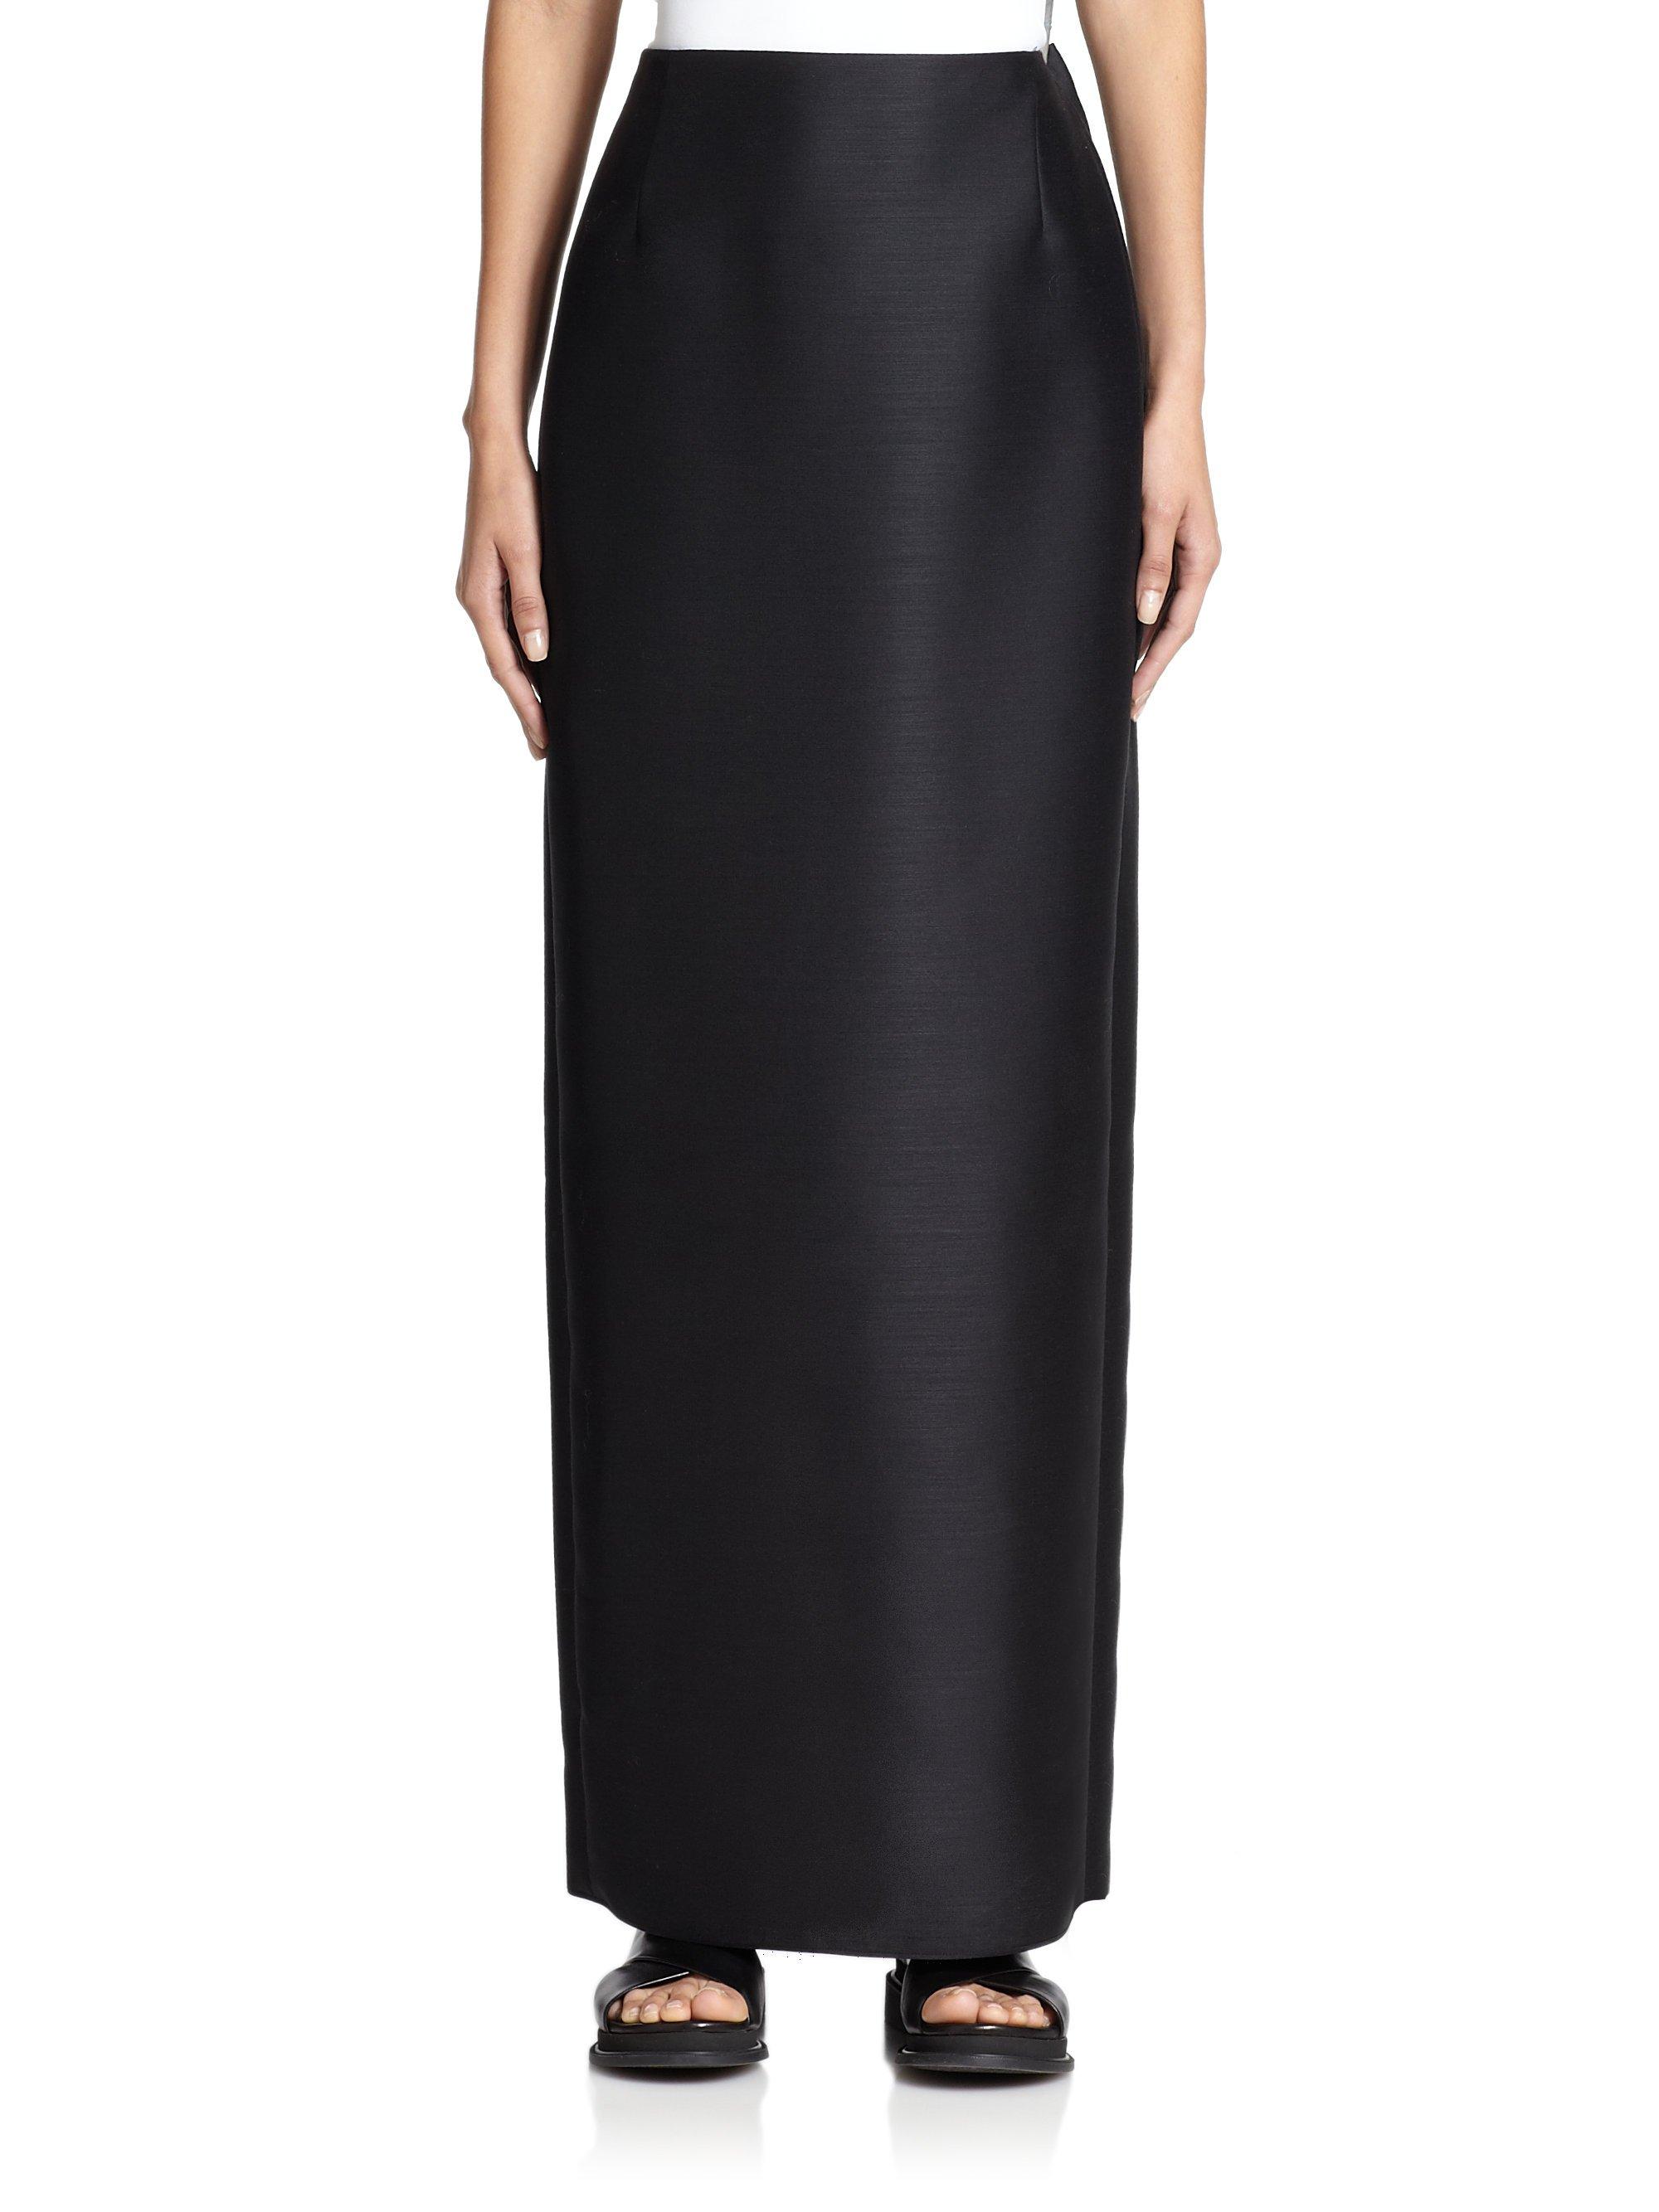 Floor Length Black Pencil Skirt Black Dresses Dressesss